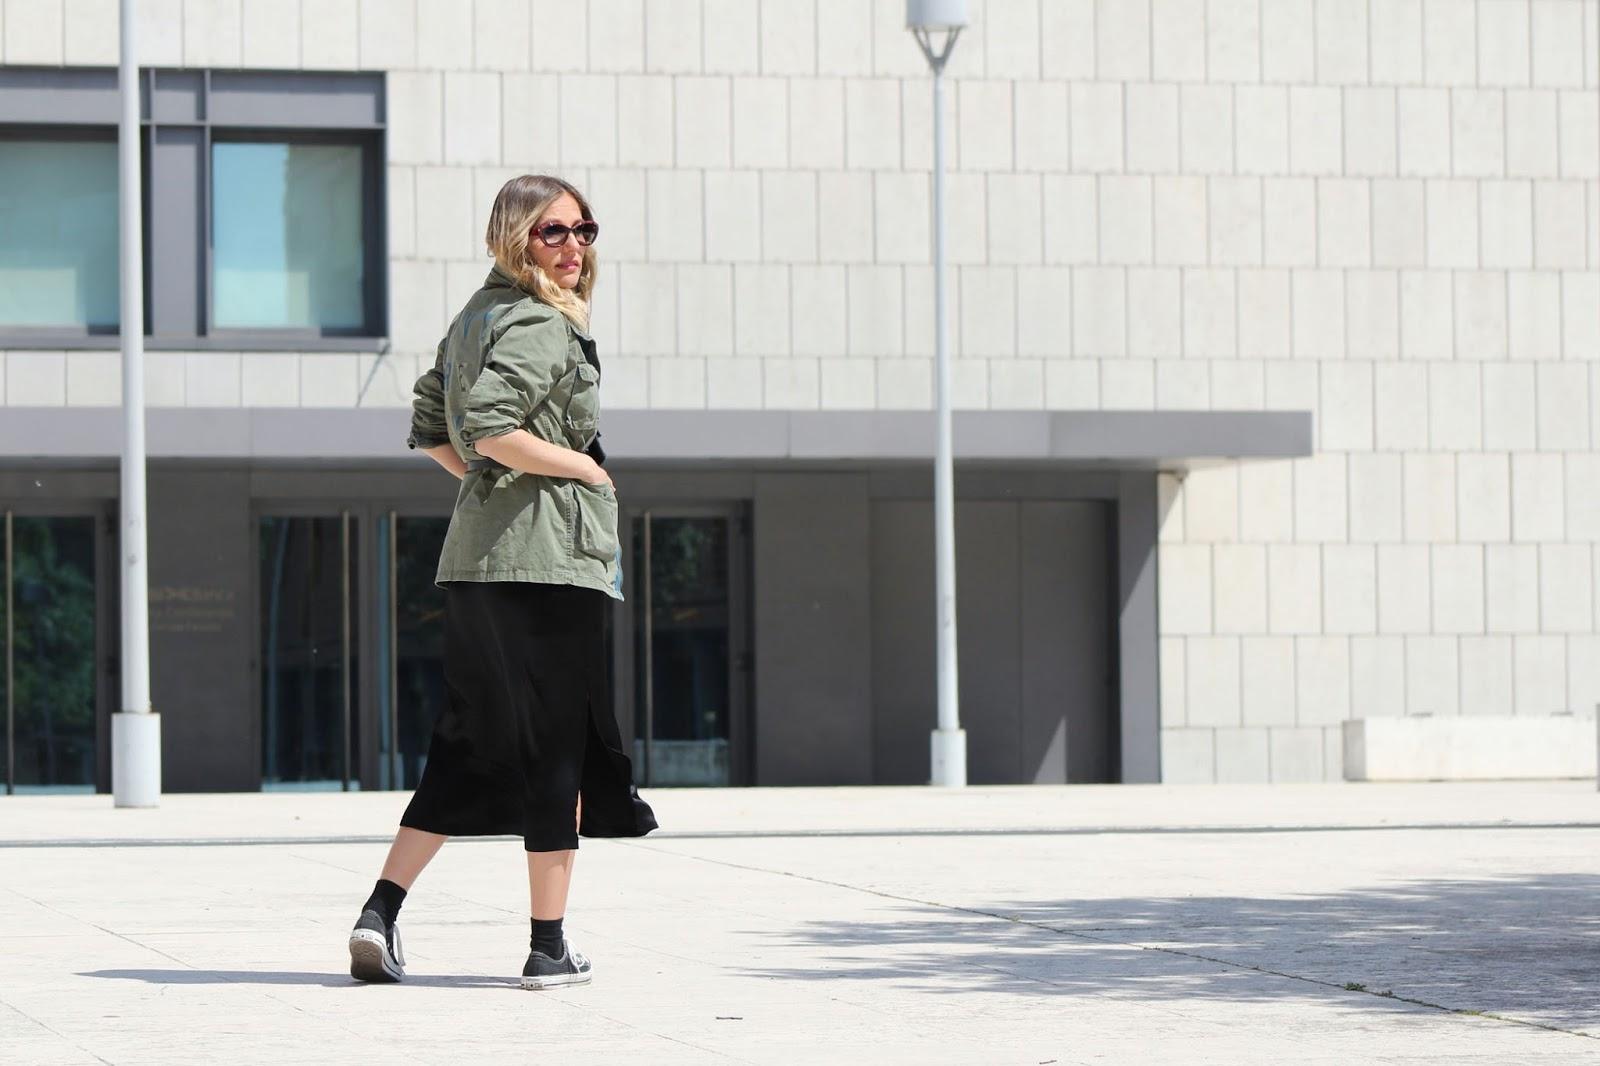 Come indossare un abito sottoveste - consigli outfit